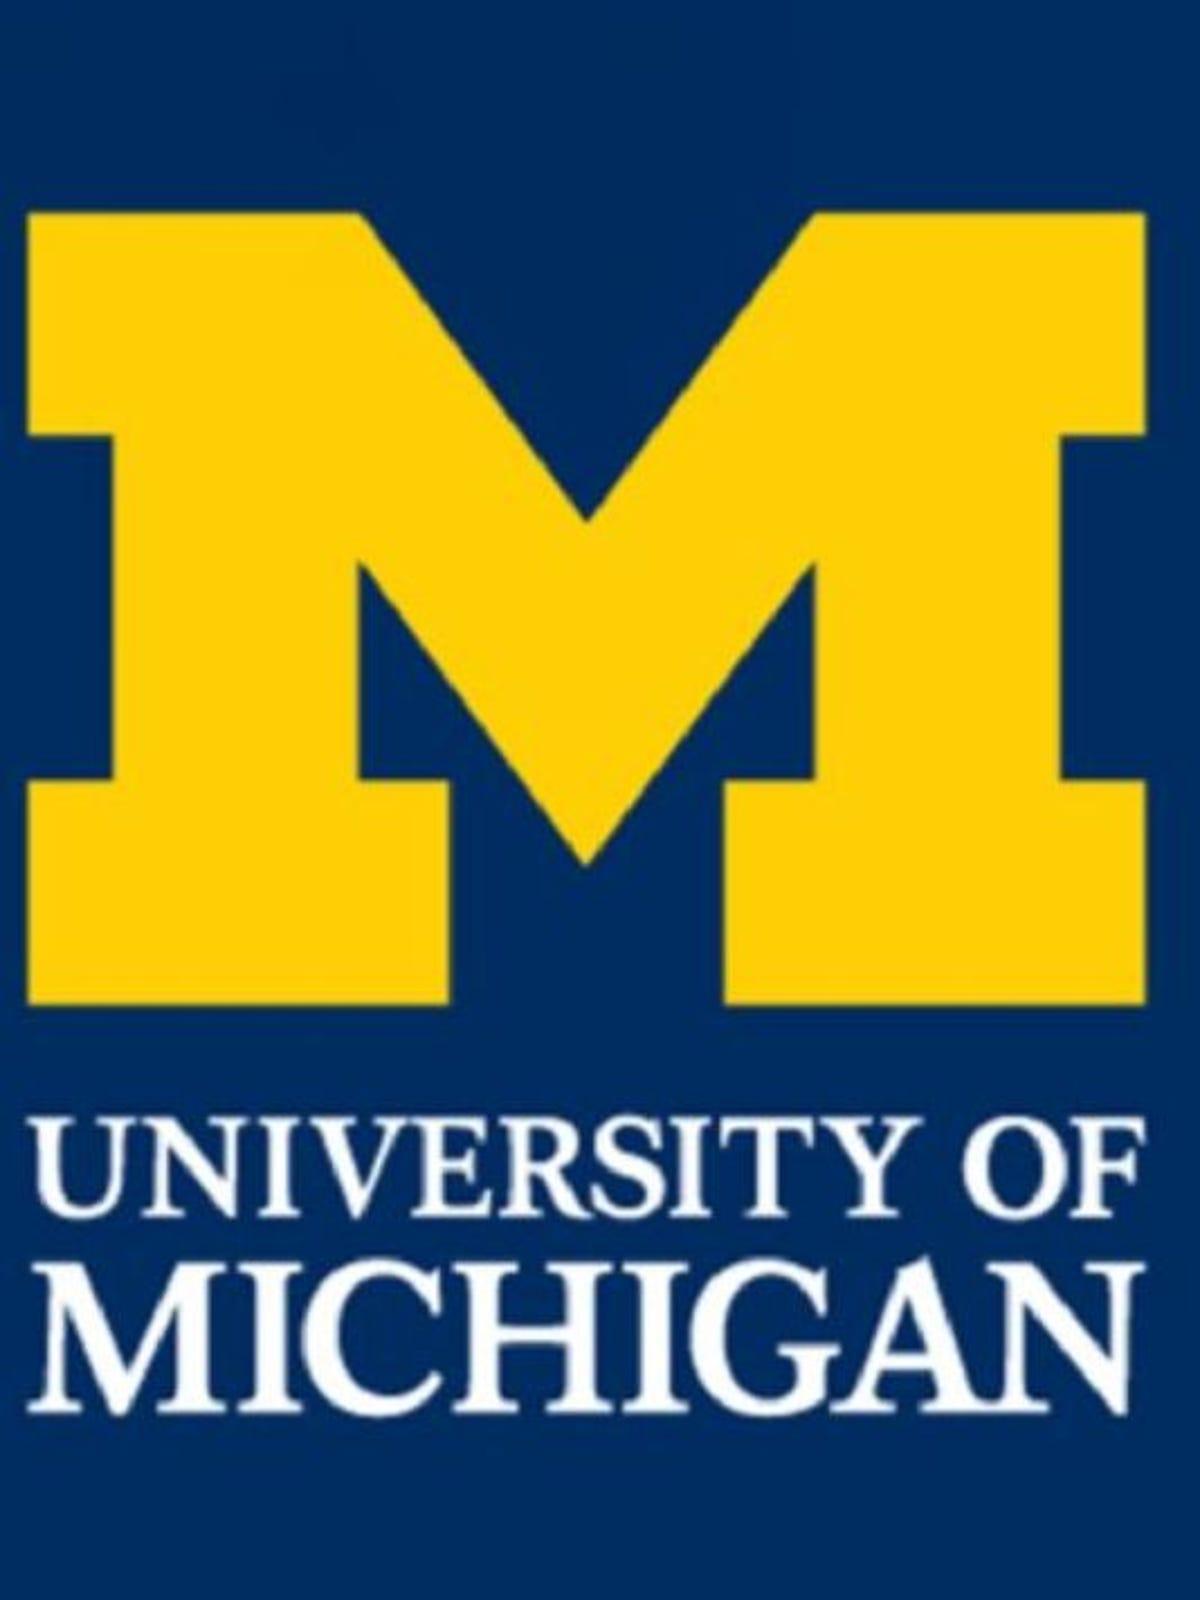 New mental health treatment unit opens at Michigan hospital